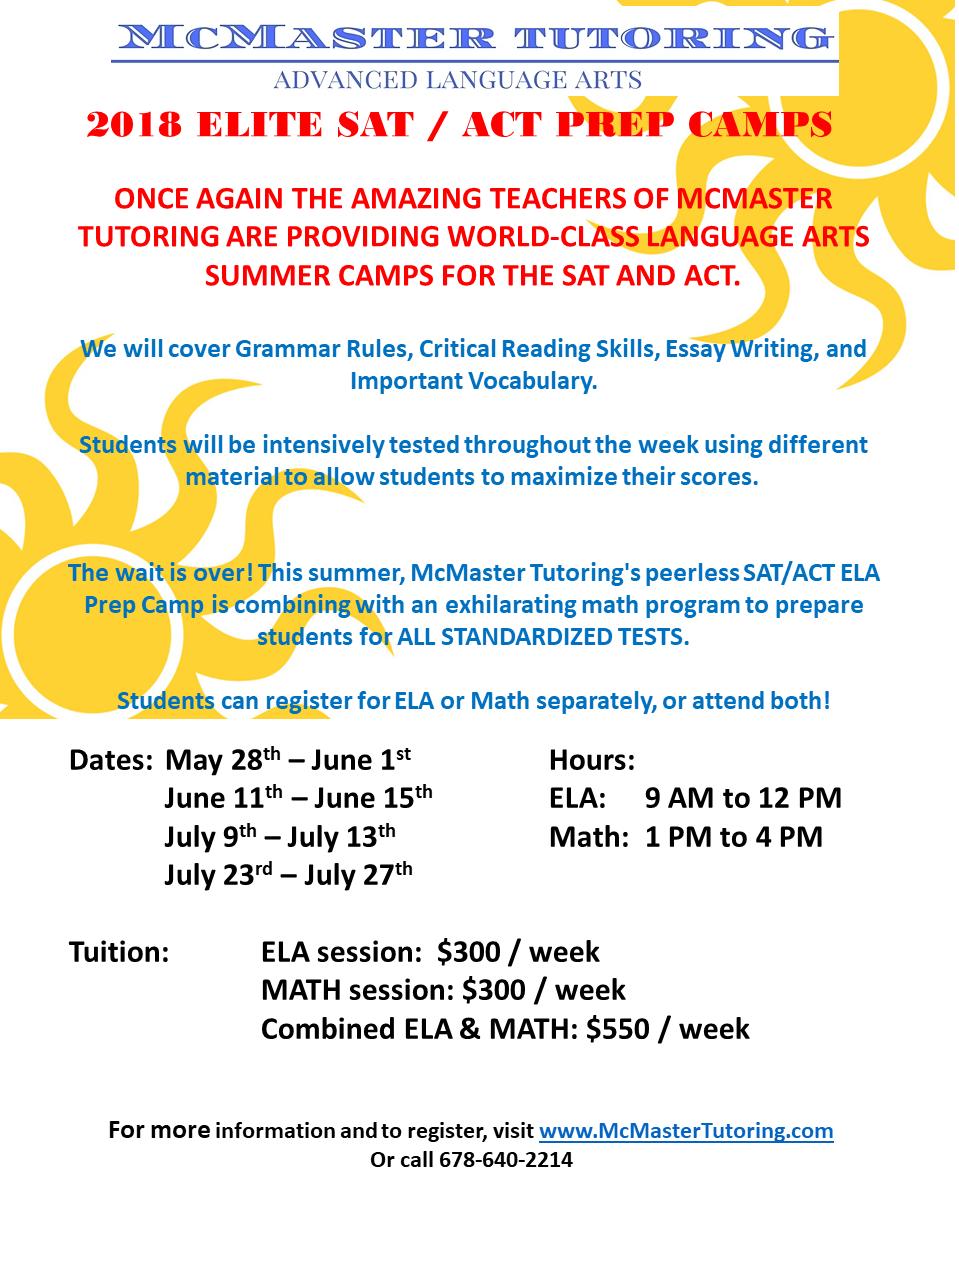 2018 Summer SAT camp flyer.png